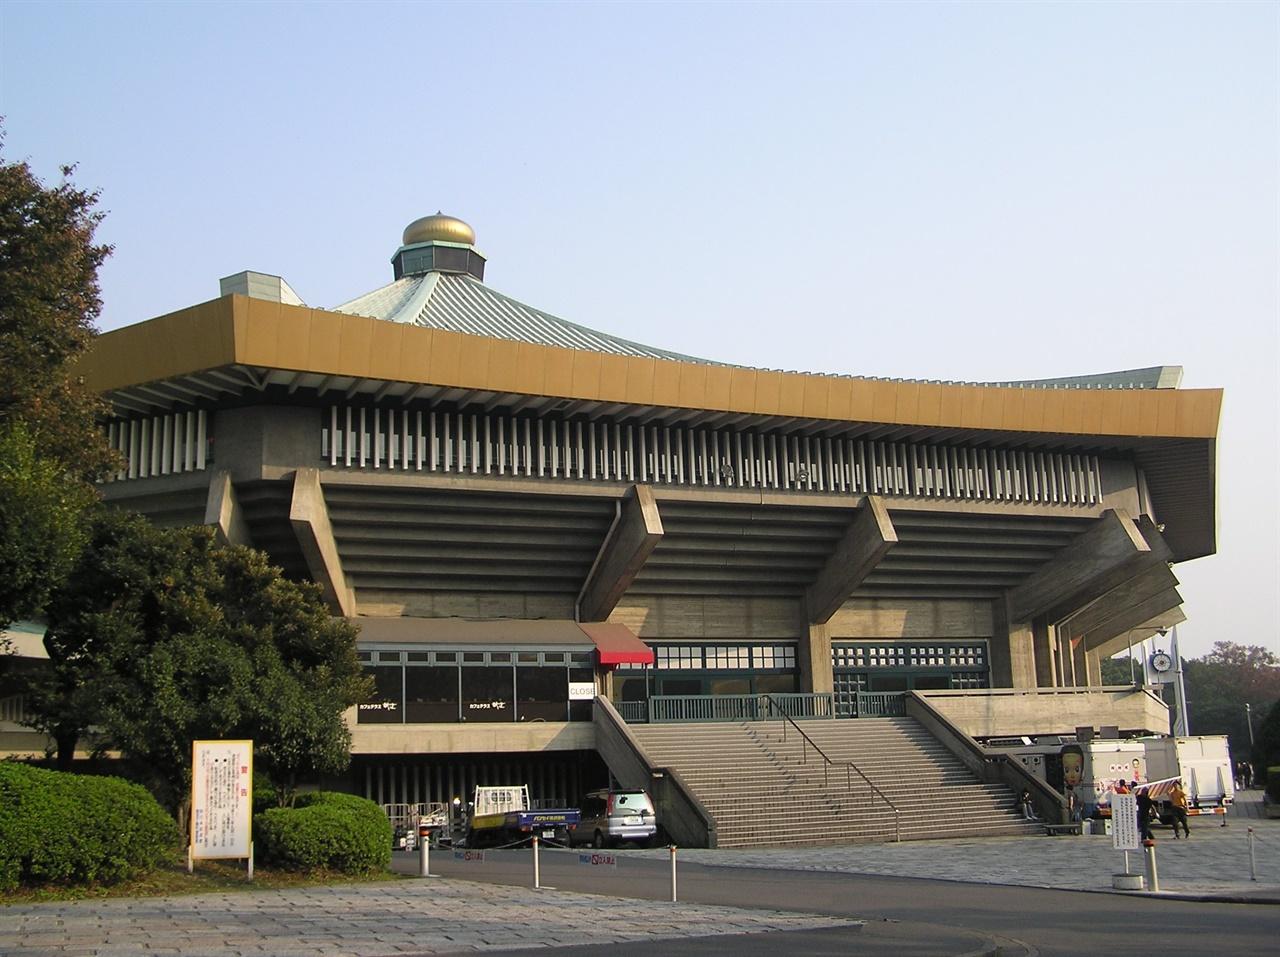 2020 도쿄 올림픽의 복싱과 가라테 경기가 열리는 무도관의 모습.(CC-BY-3.0)